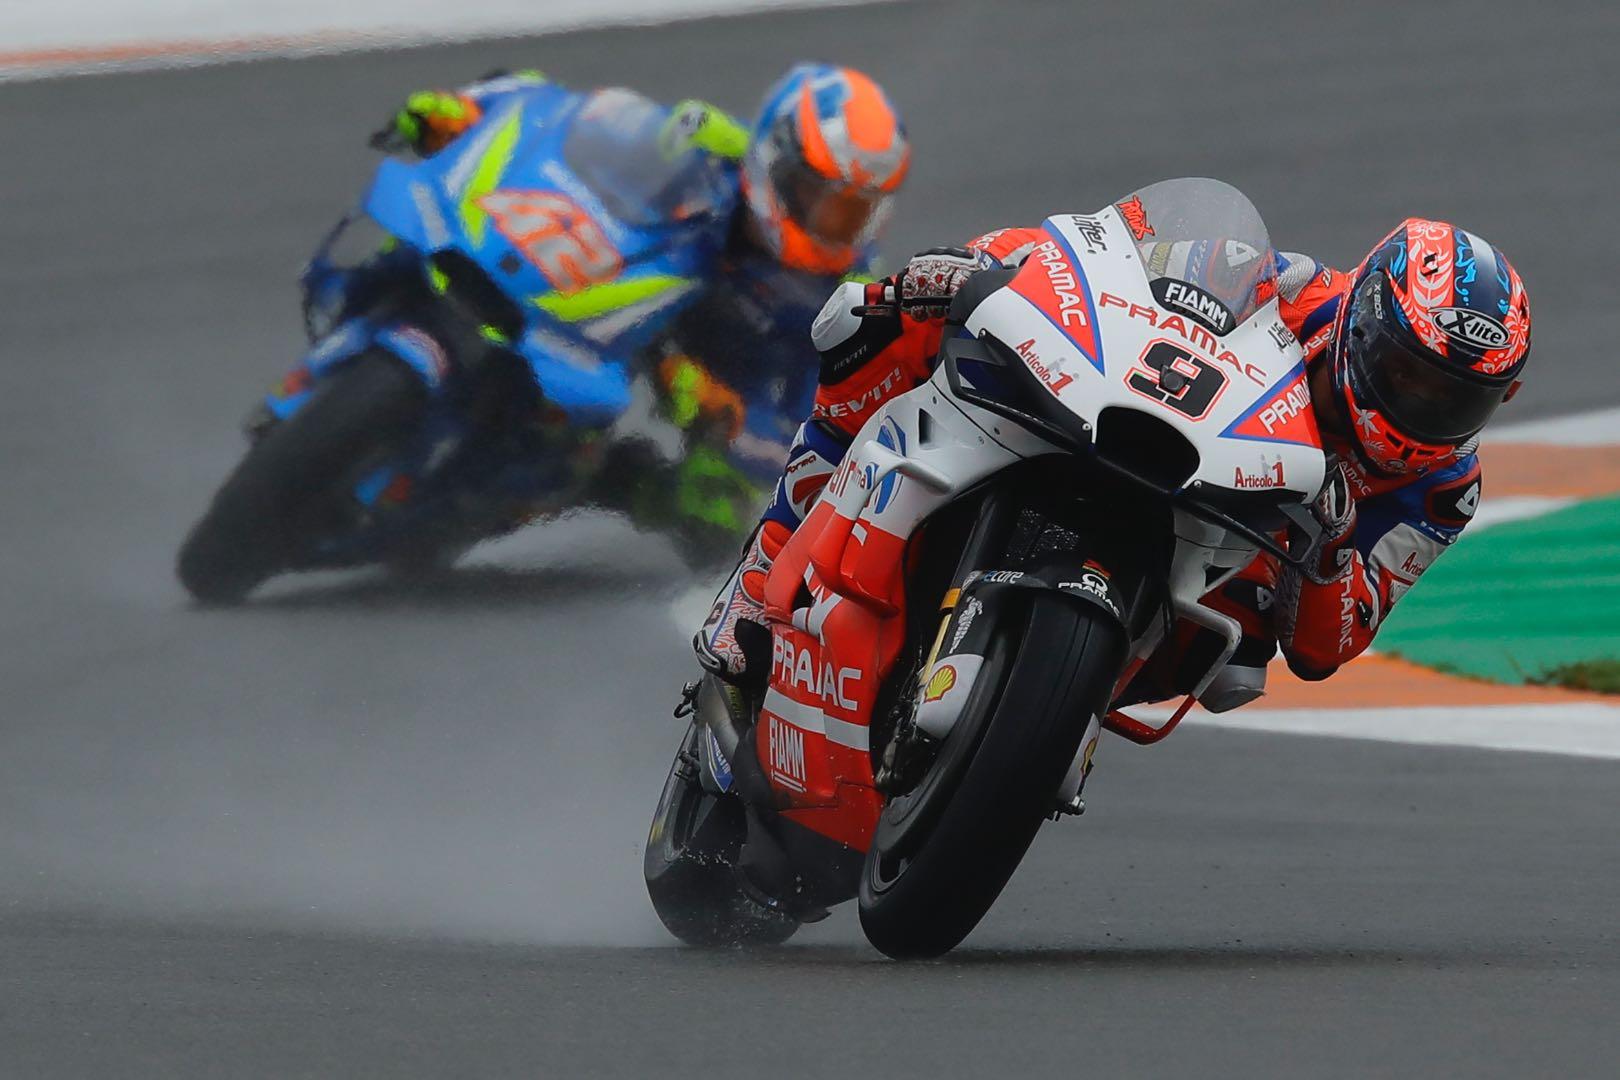 Valencia MotoGP Friday Practice Ducati's Danilo Petrucci